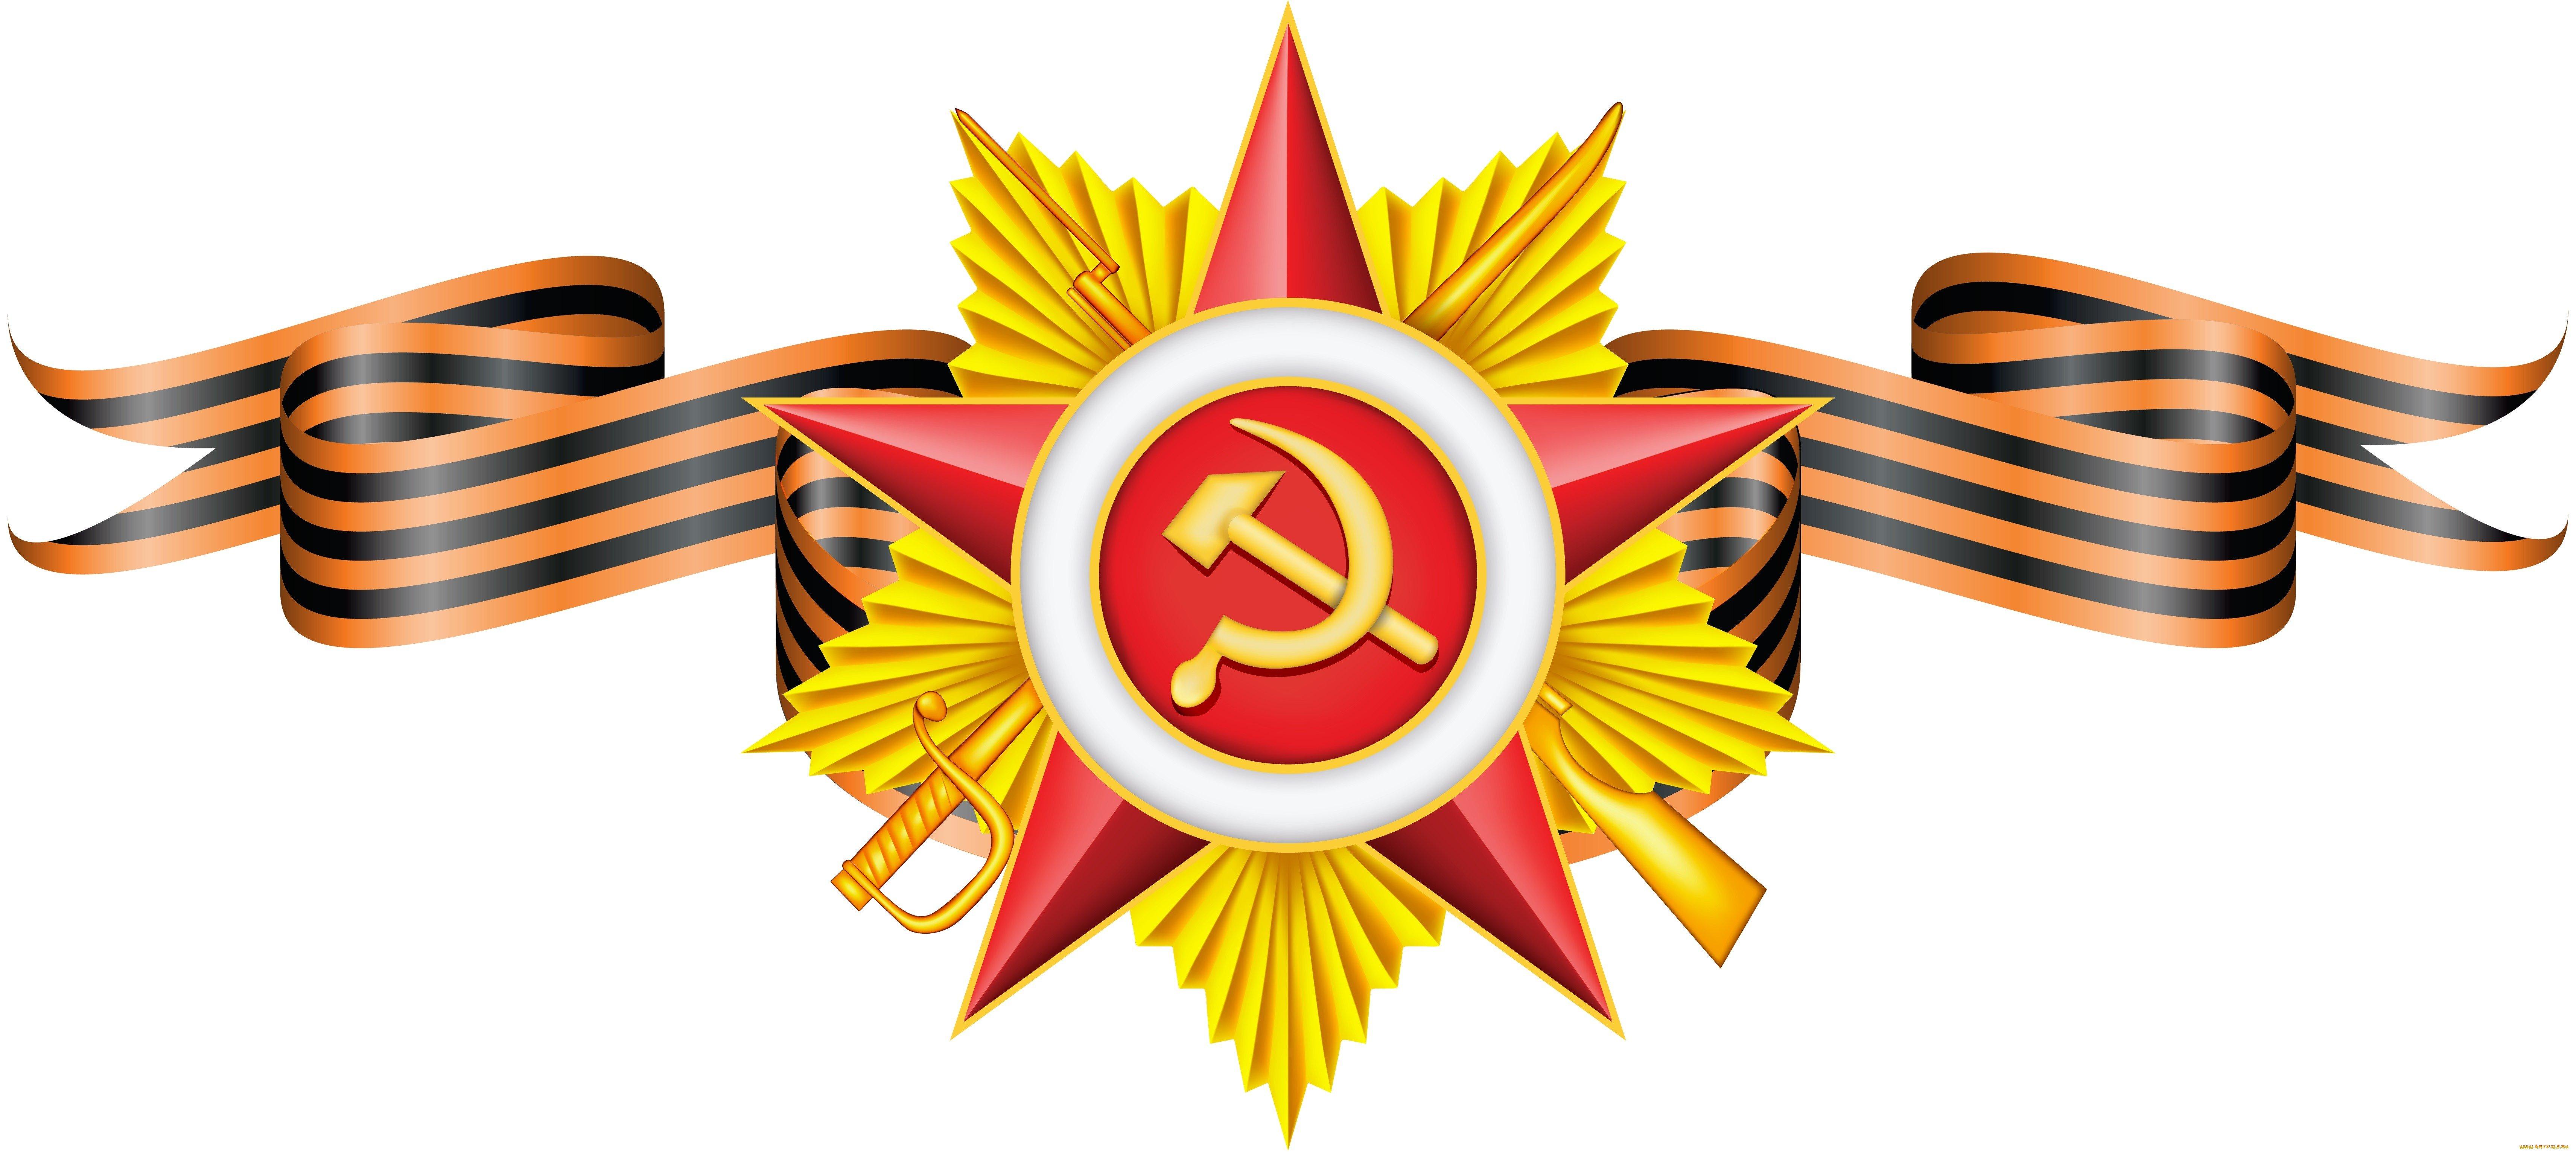 http://souzintellekt.ru/images/upload/6845x3060_783939-www.ArtFile.ru-.jpg